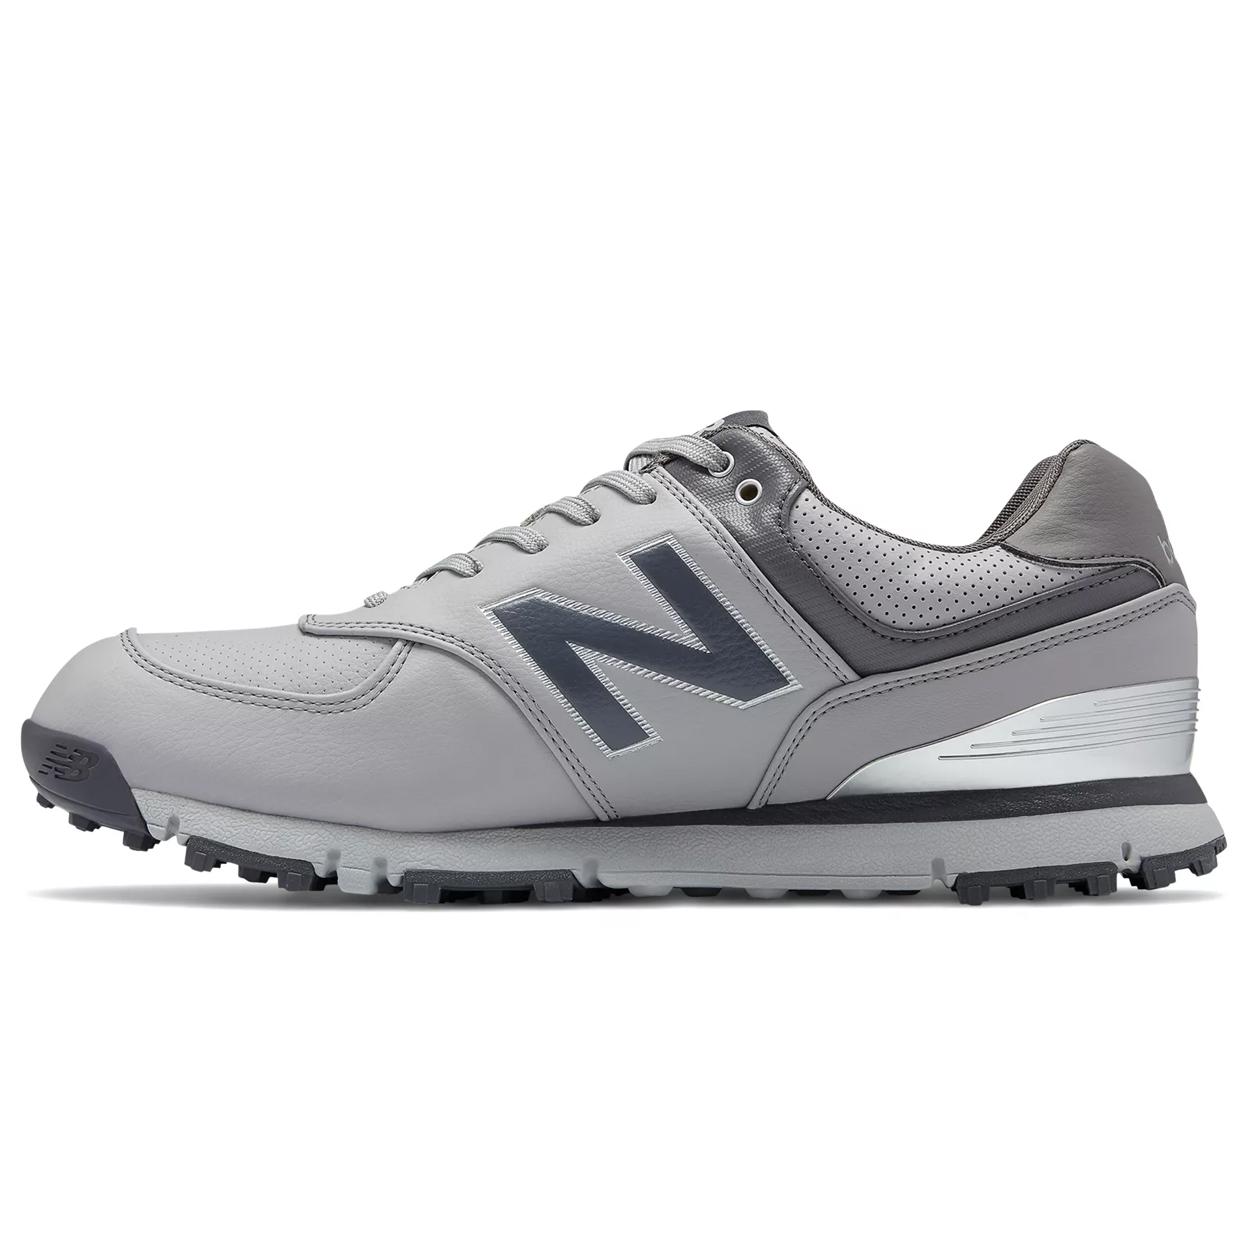 Nbg574sl gray lat 0819